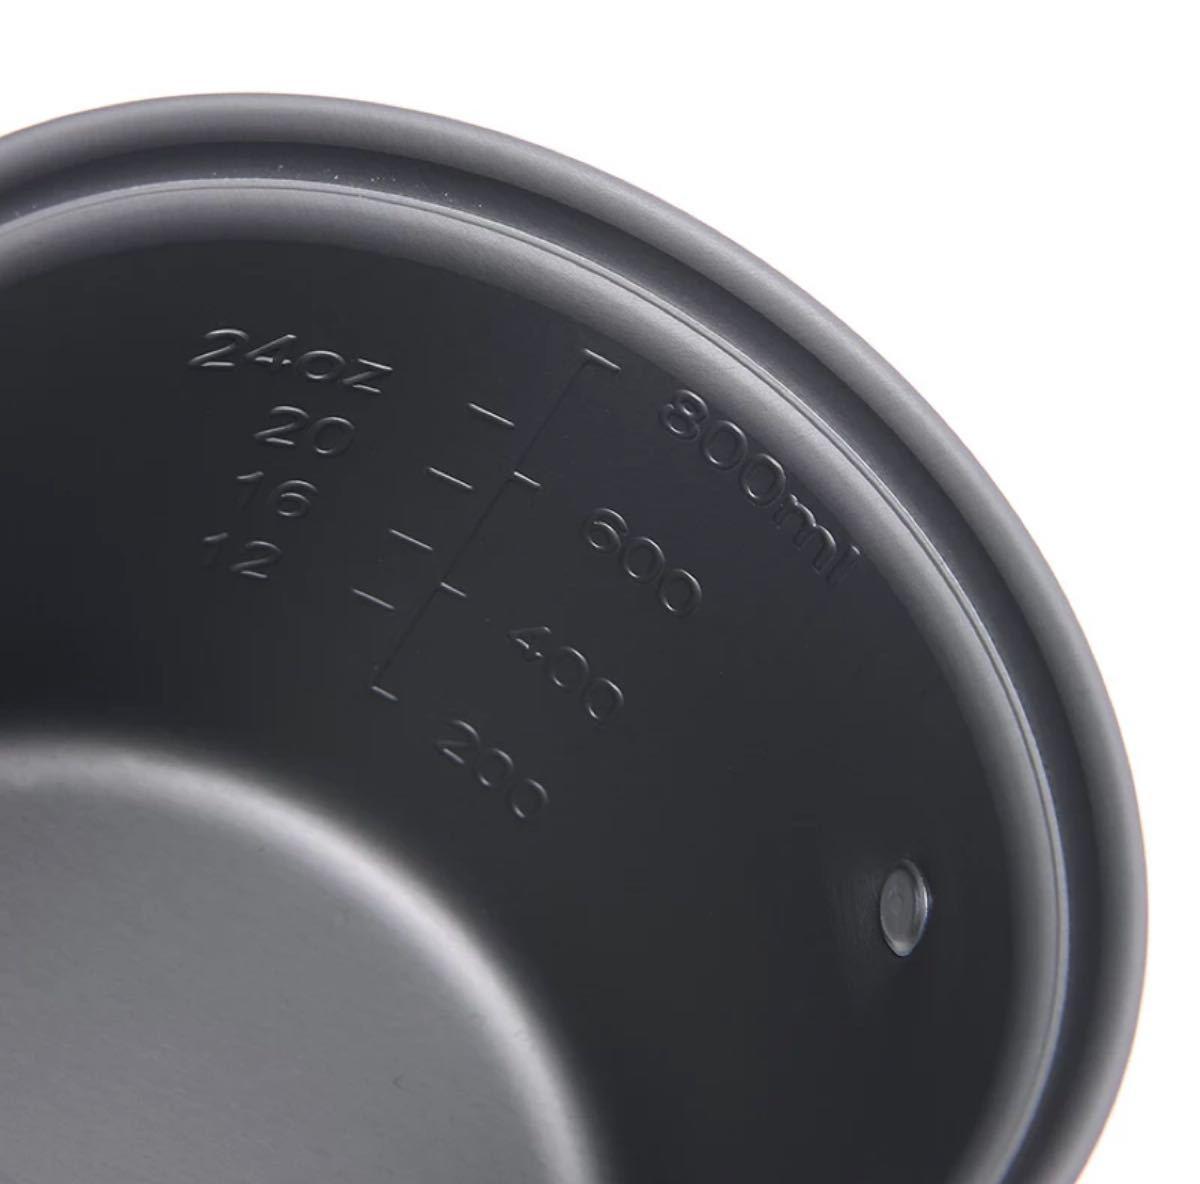 キャンプ クッカーセット 調理器具 スポンジ・収納ポーチ付き 新品・未使用